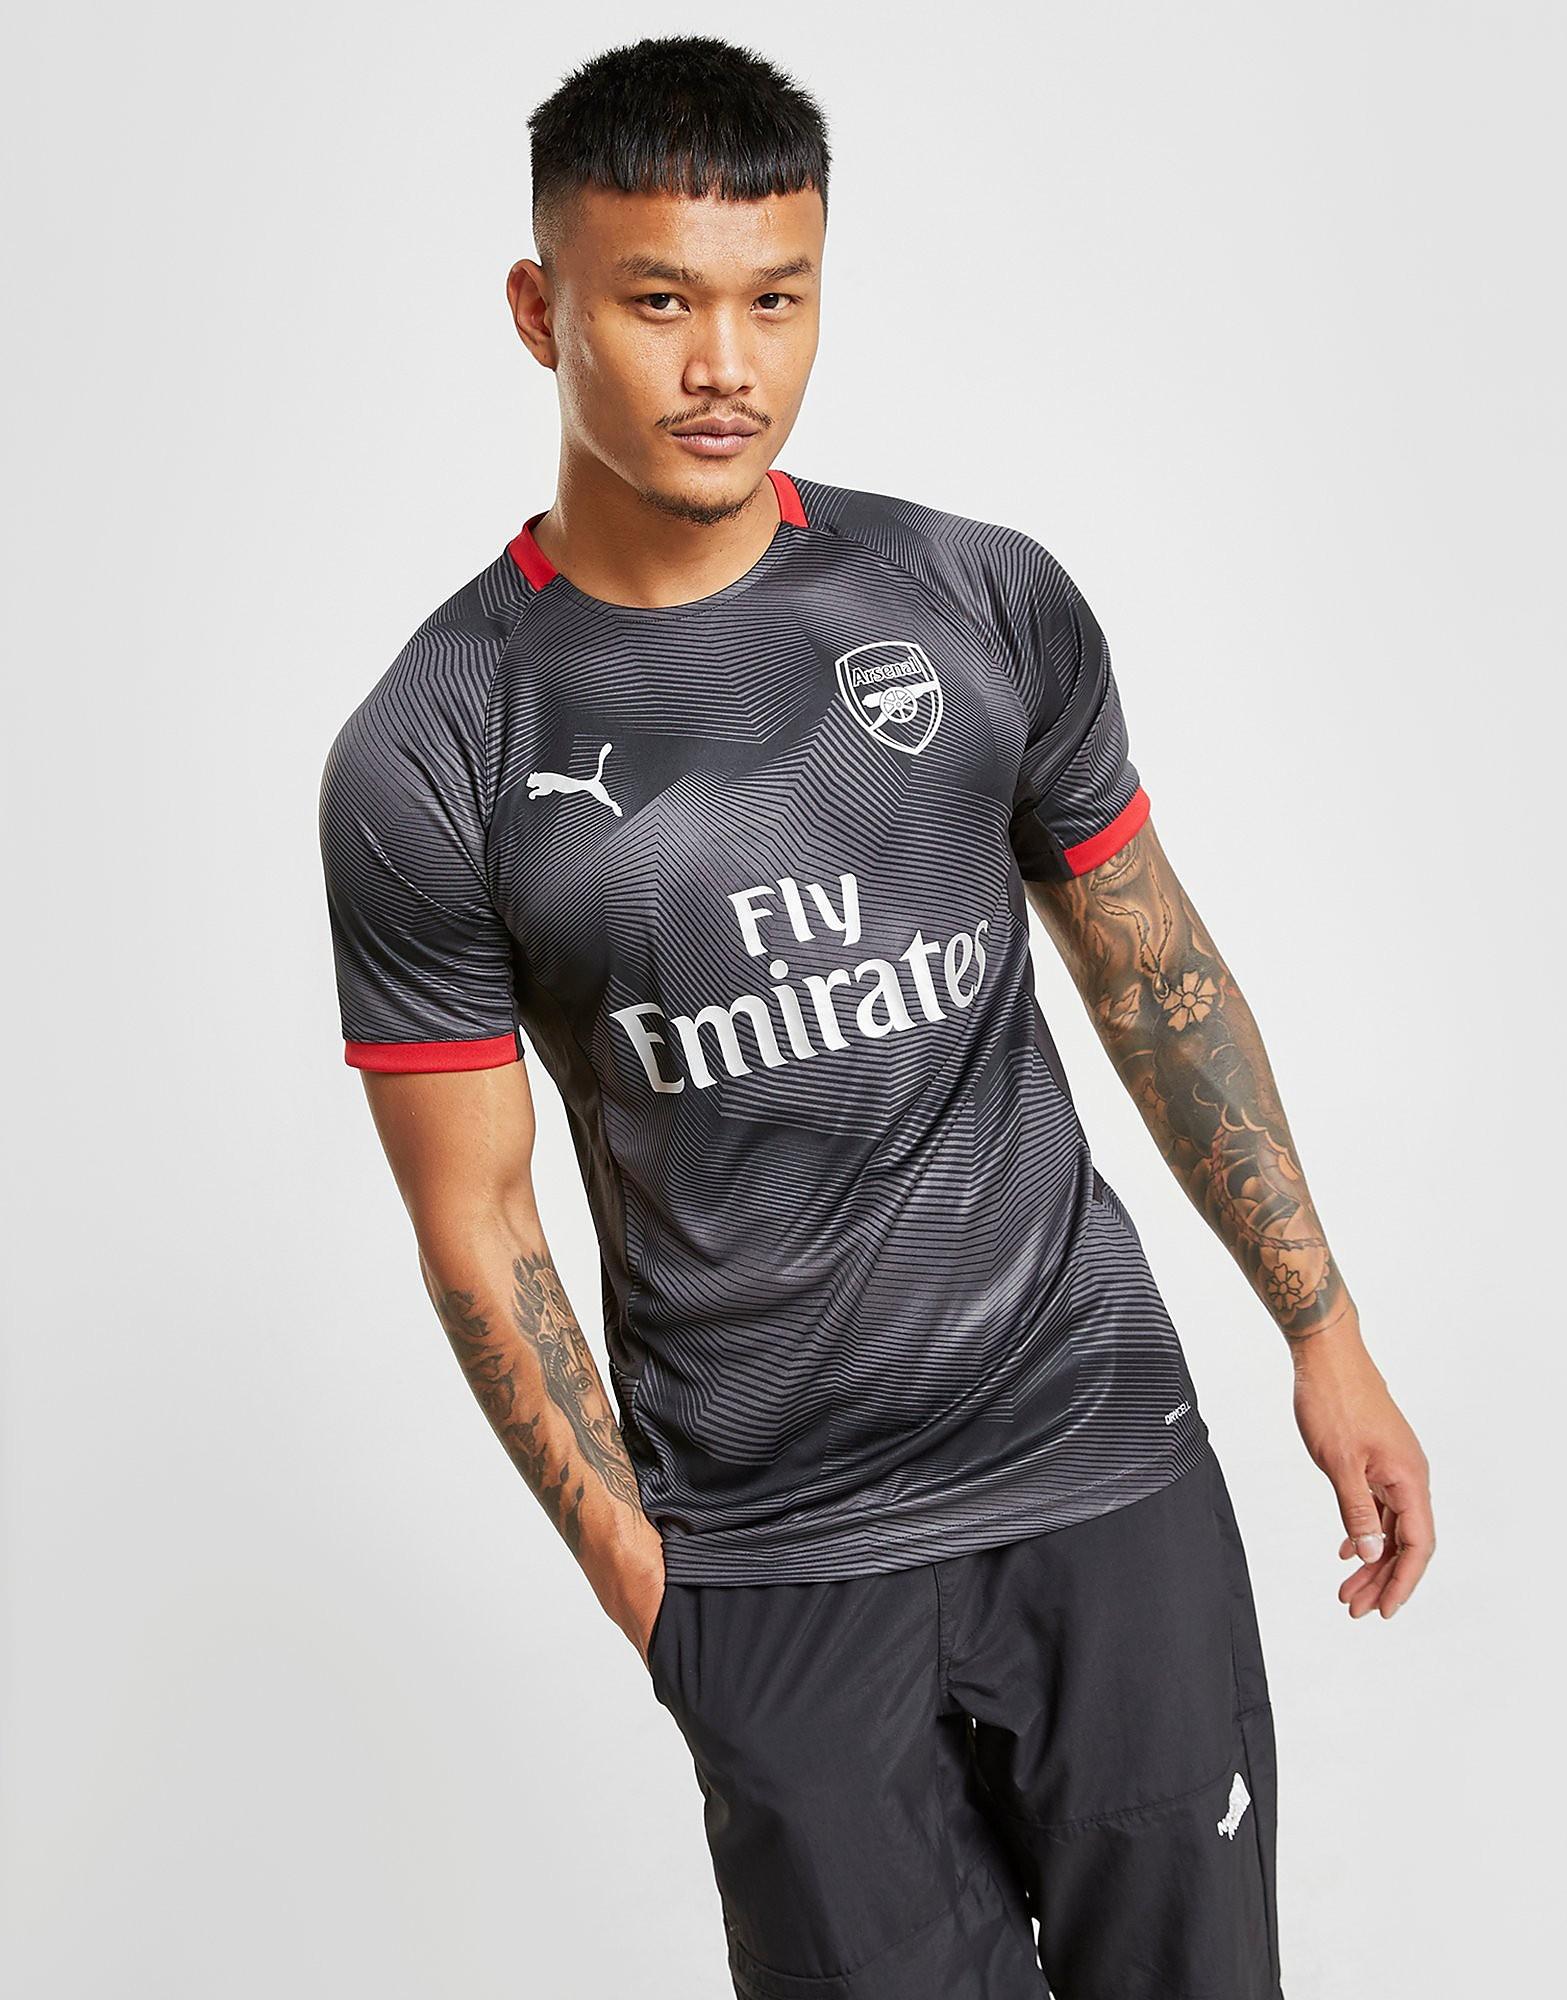 PUMA Arsenal FC Graphic Shirt - Grijs - Heren